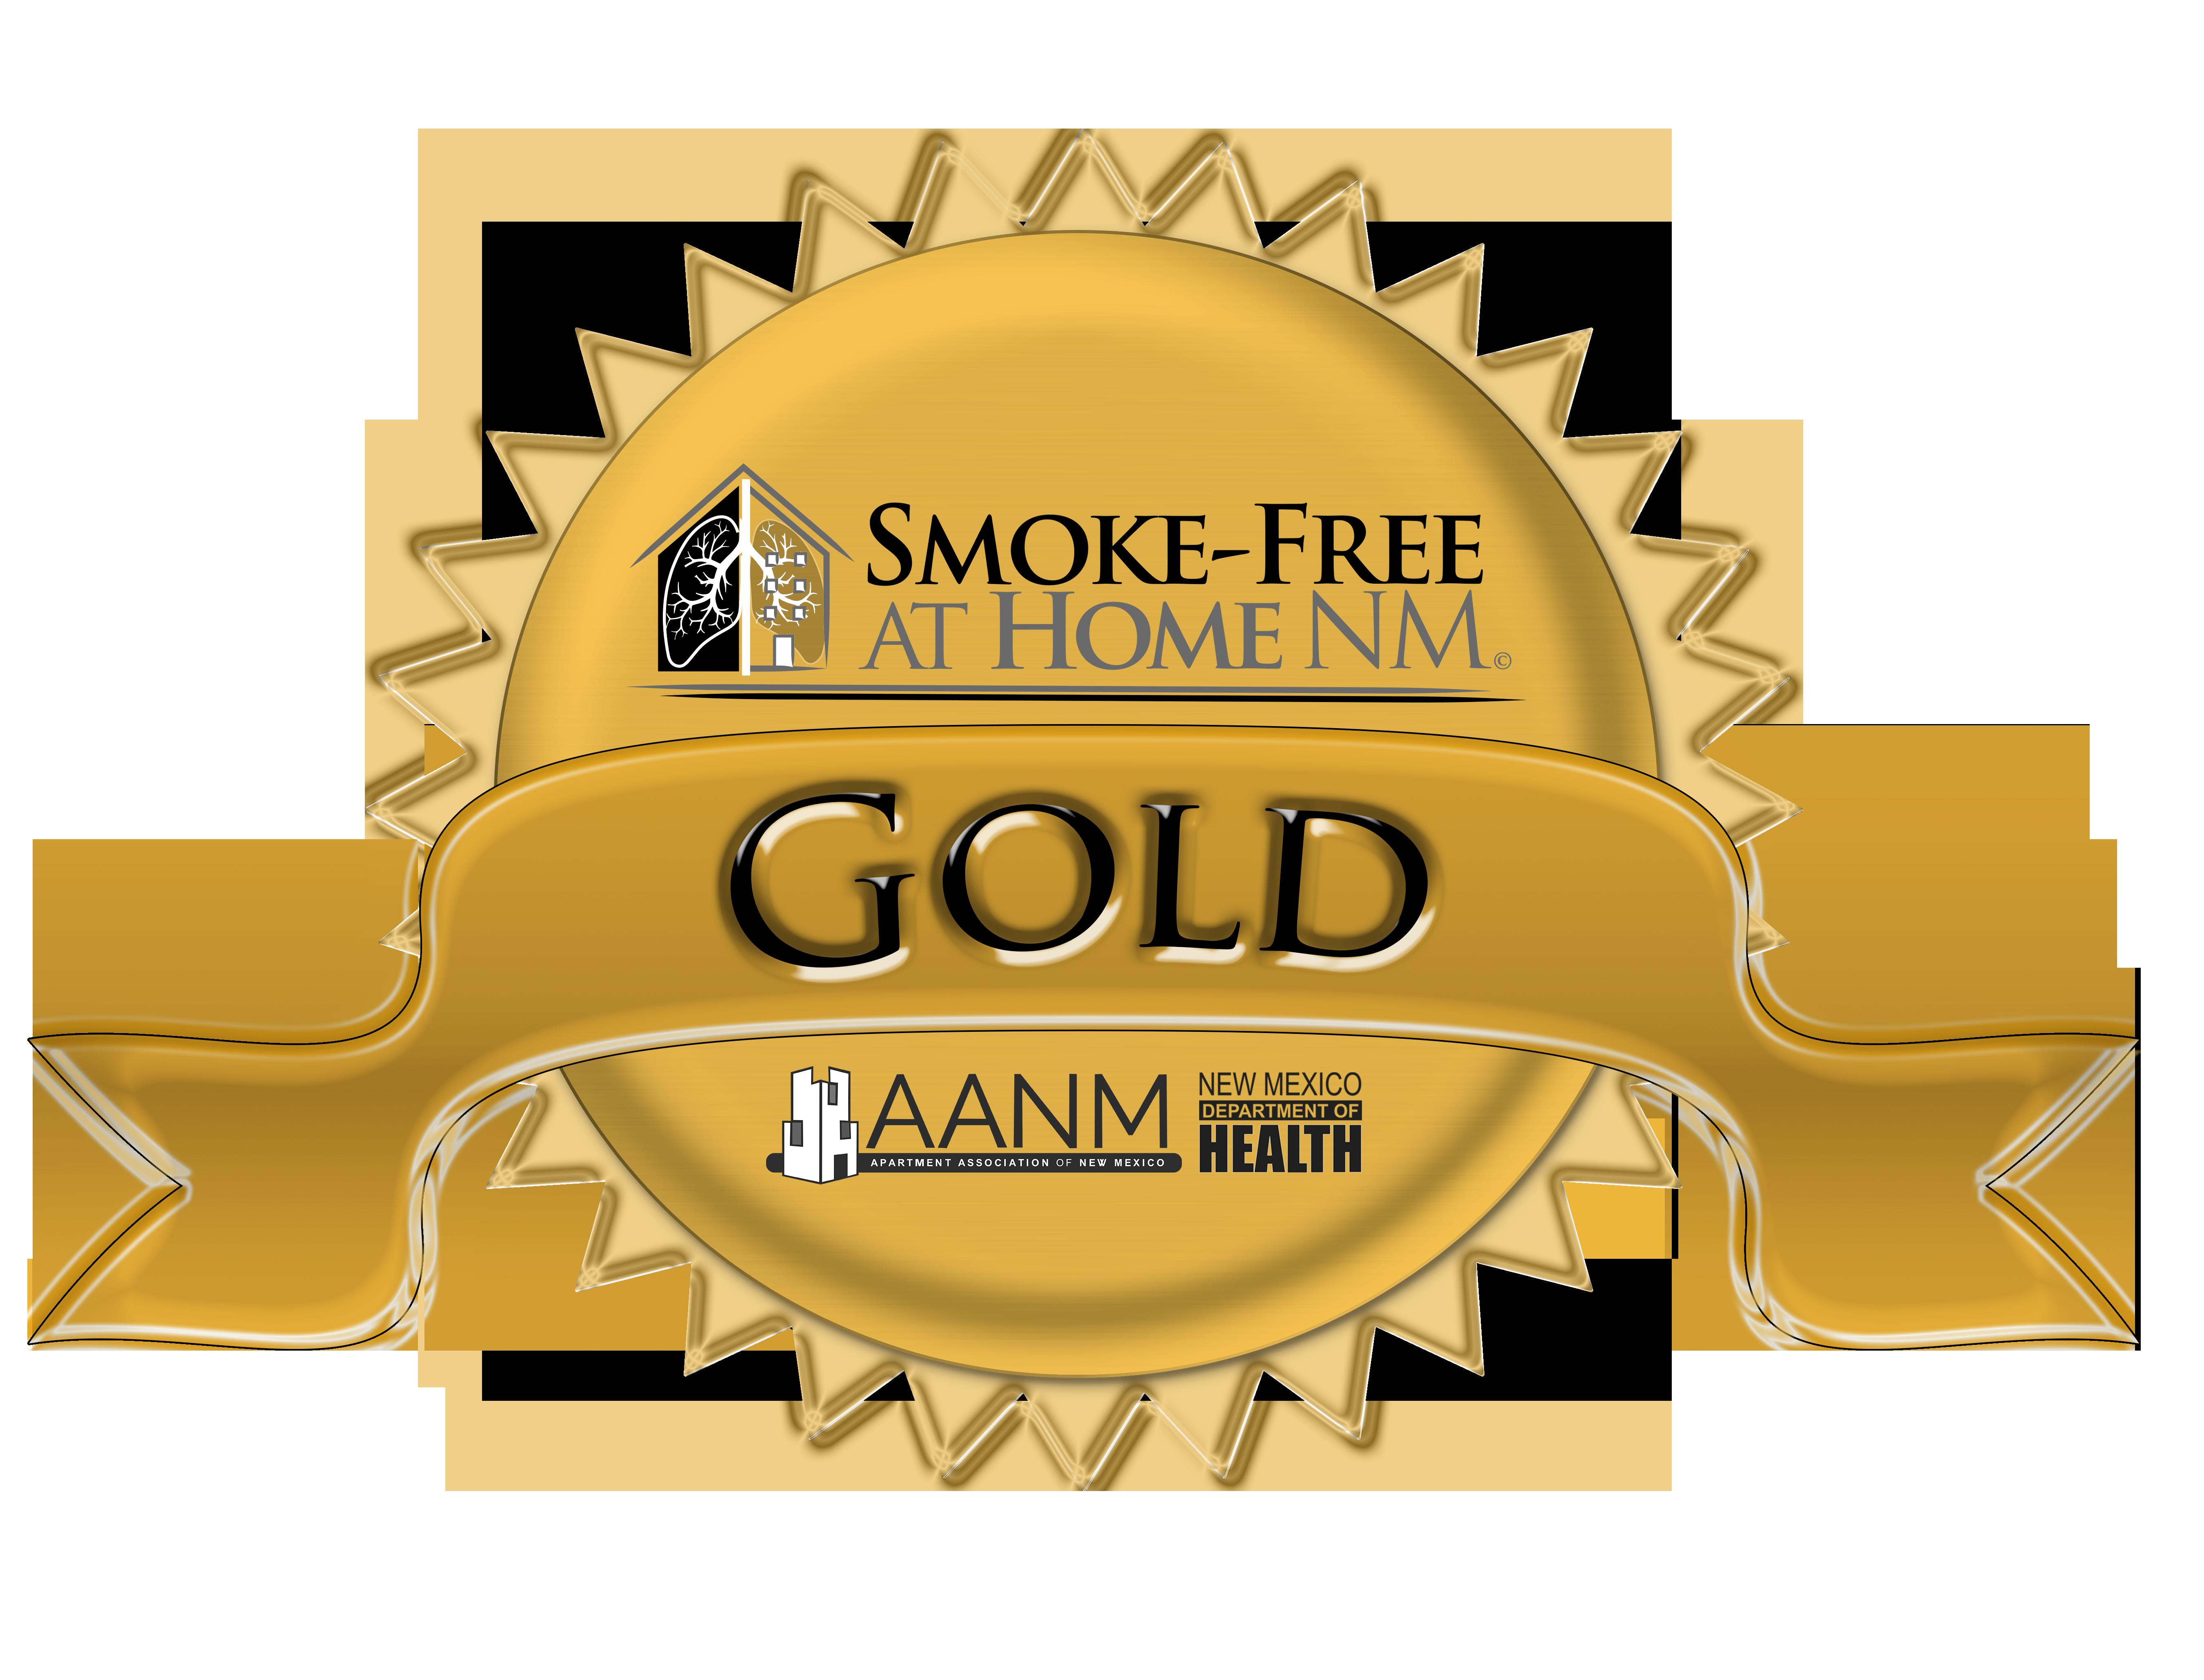 smoke-free gold award